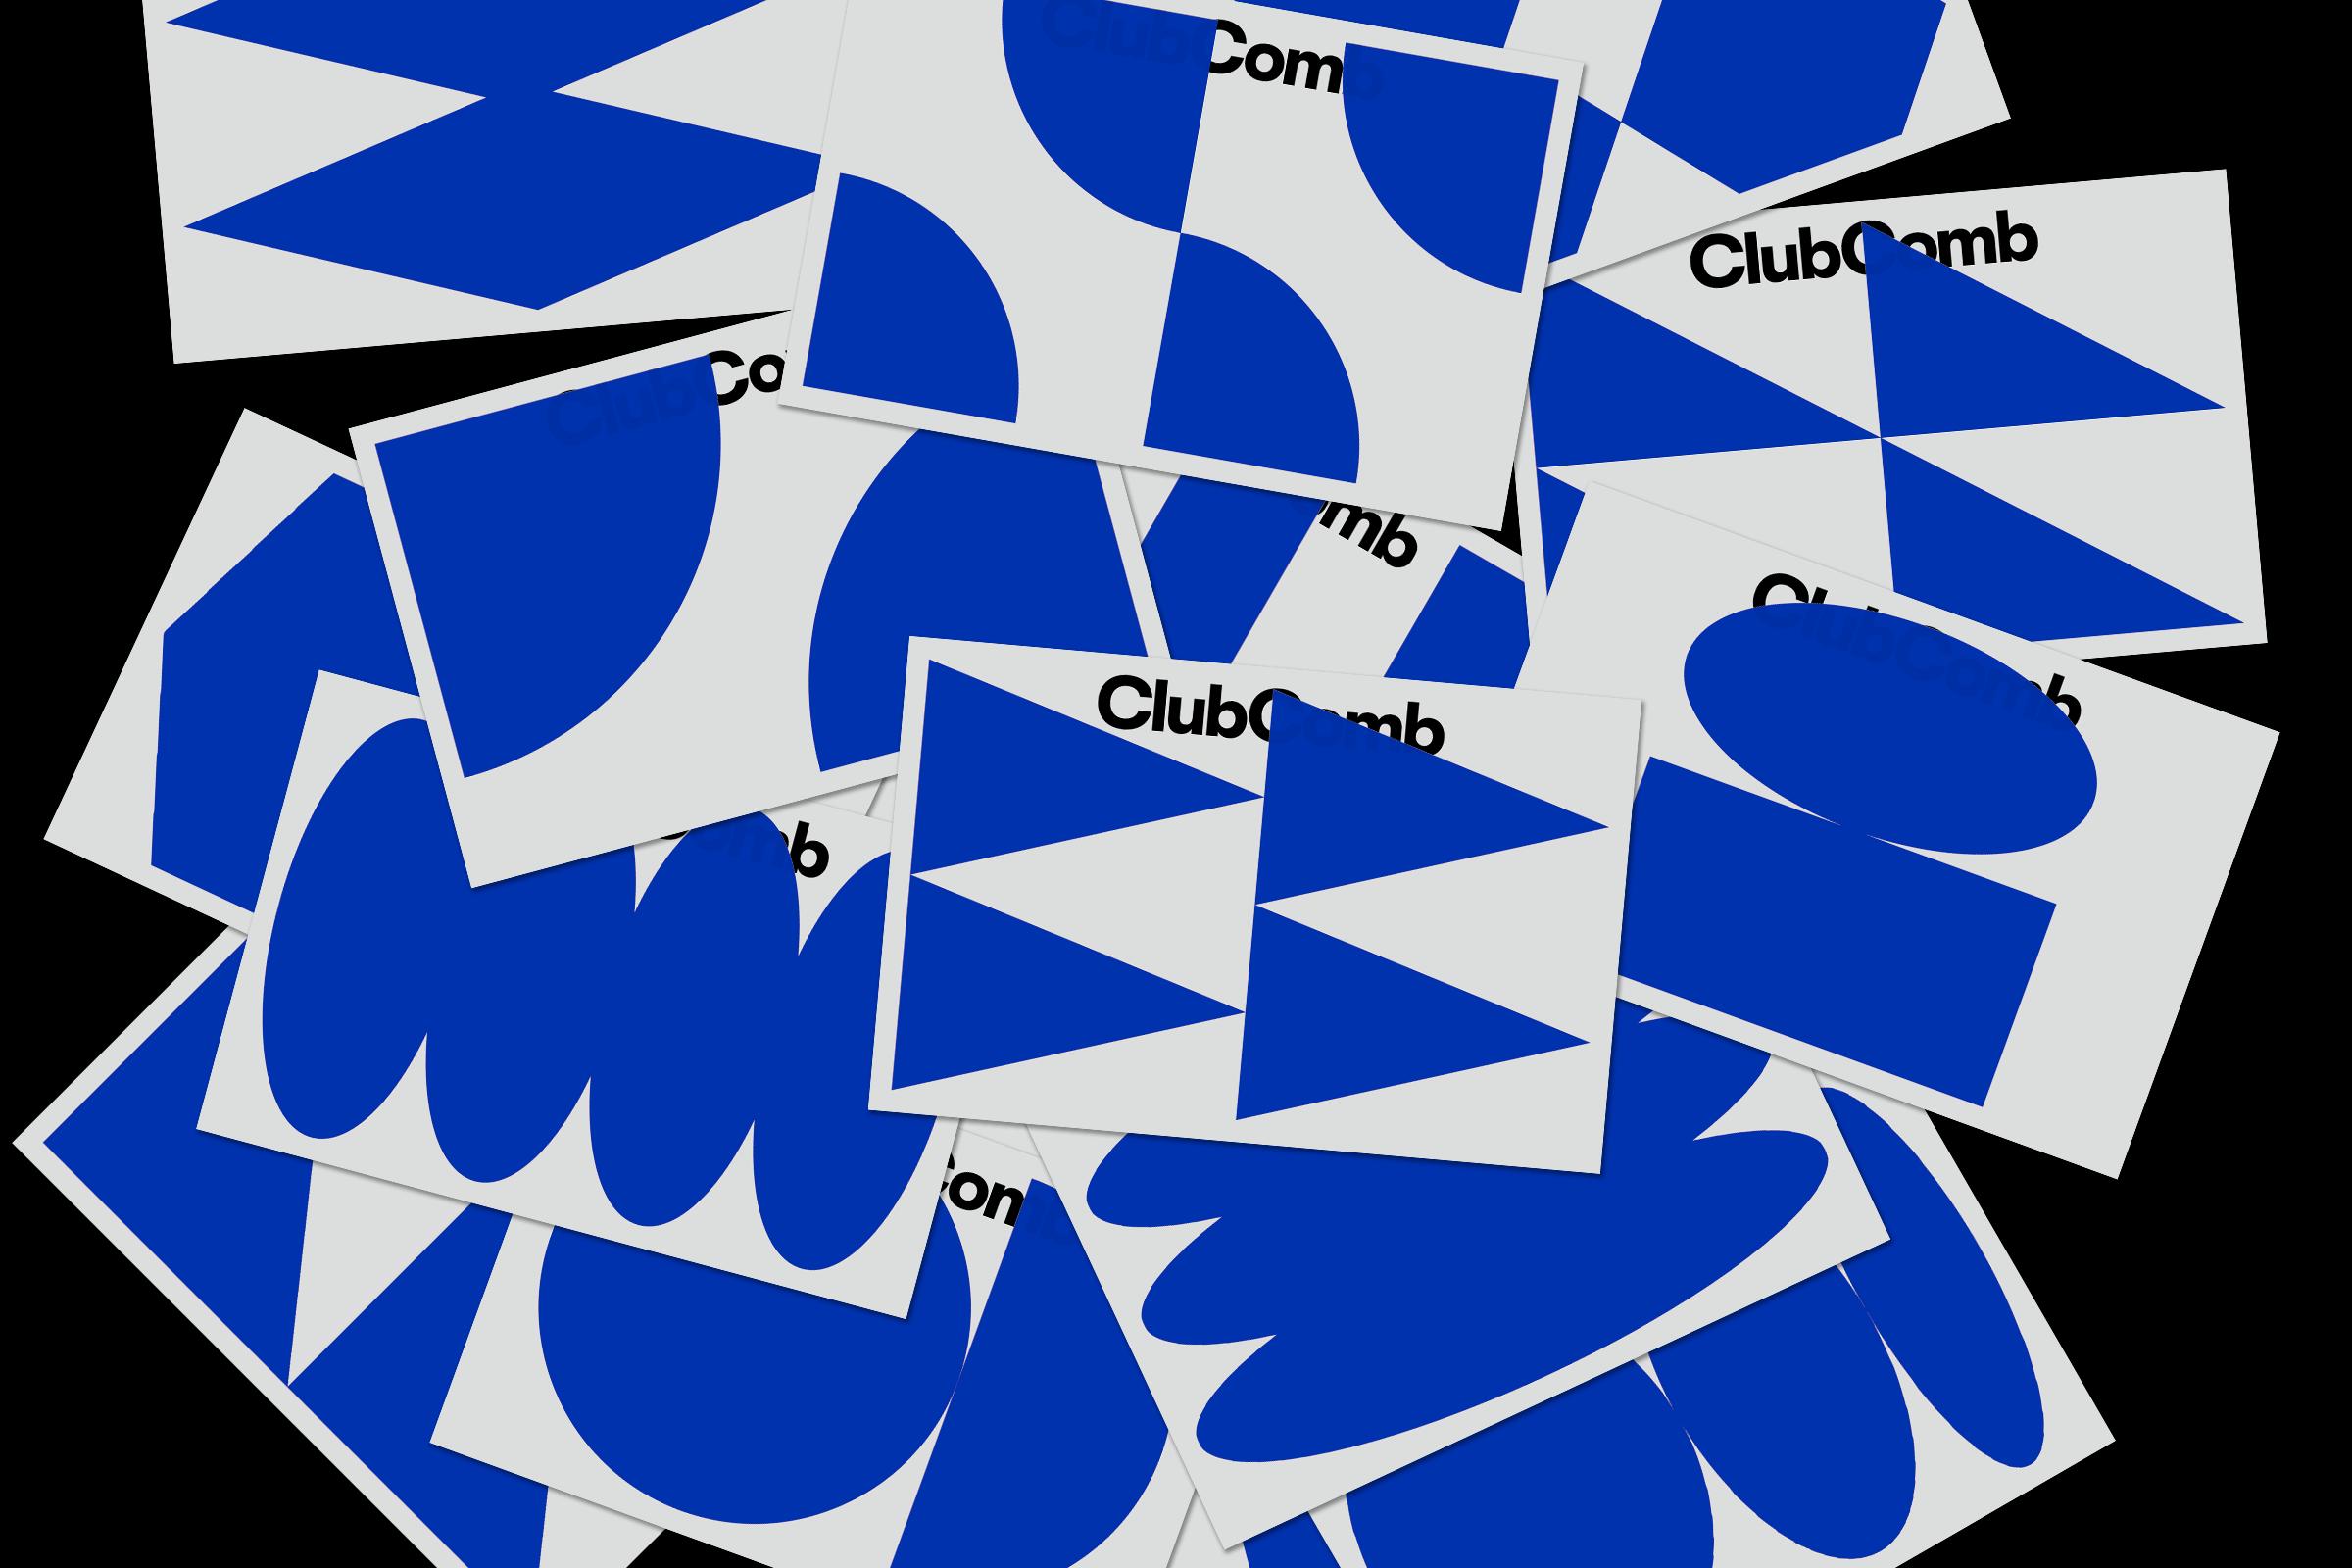 clubcomb-namecard-mockup-02